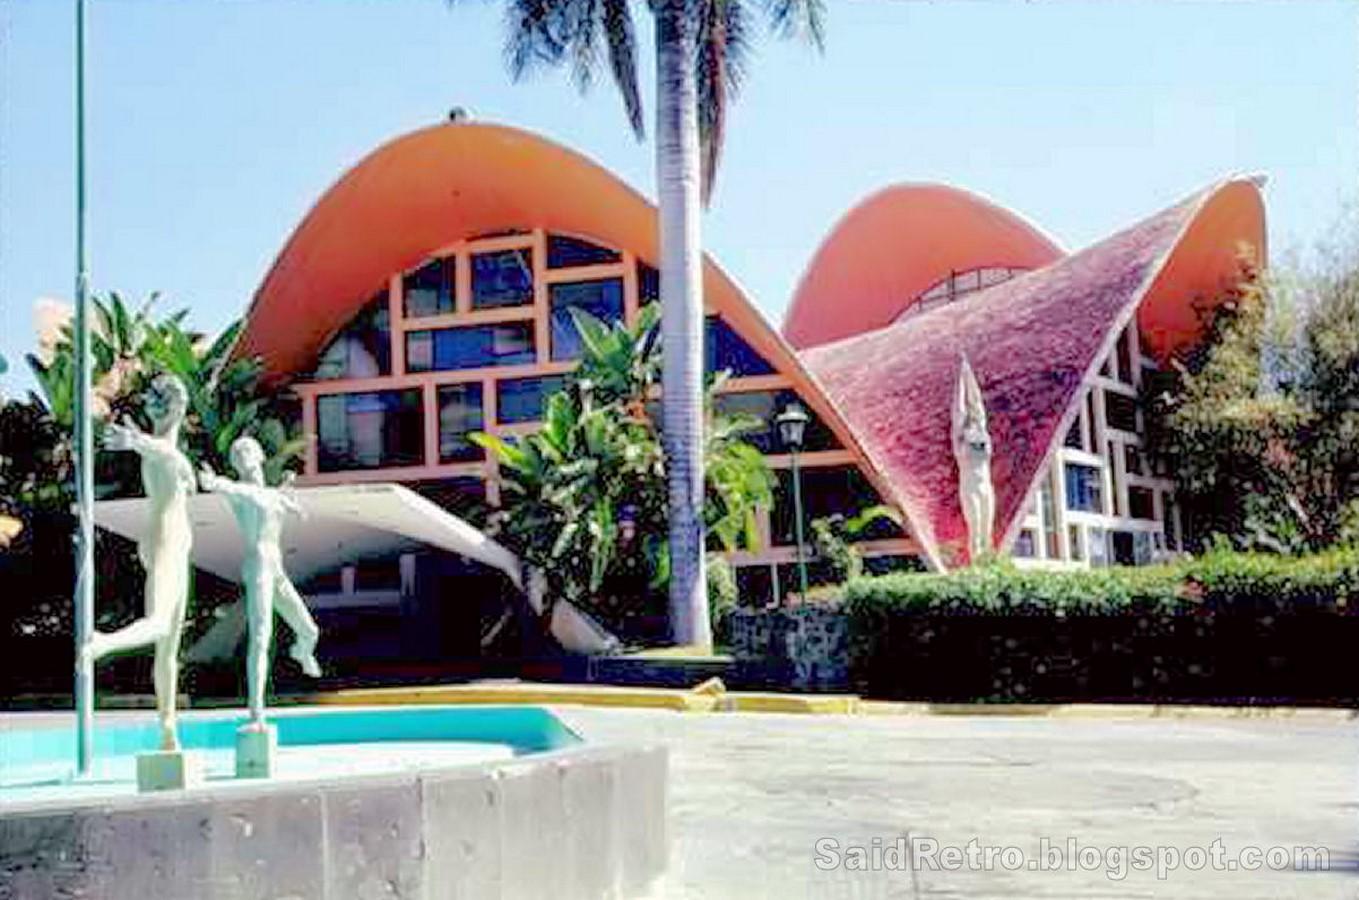 Hotel Casino de la Selva, Cuernavaca, México - Sheet2